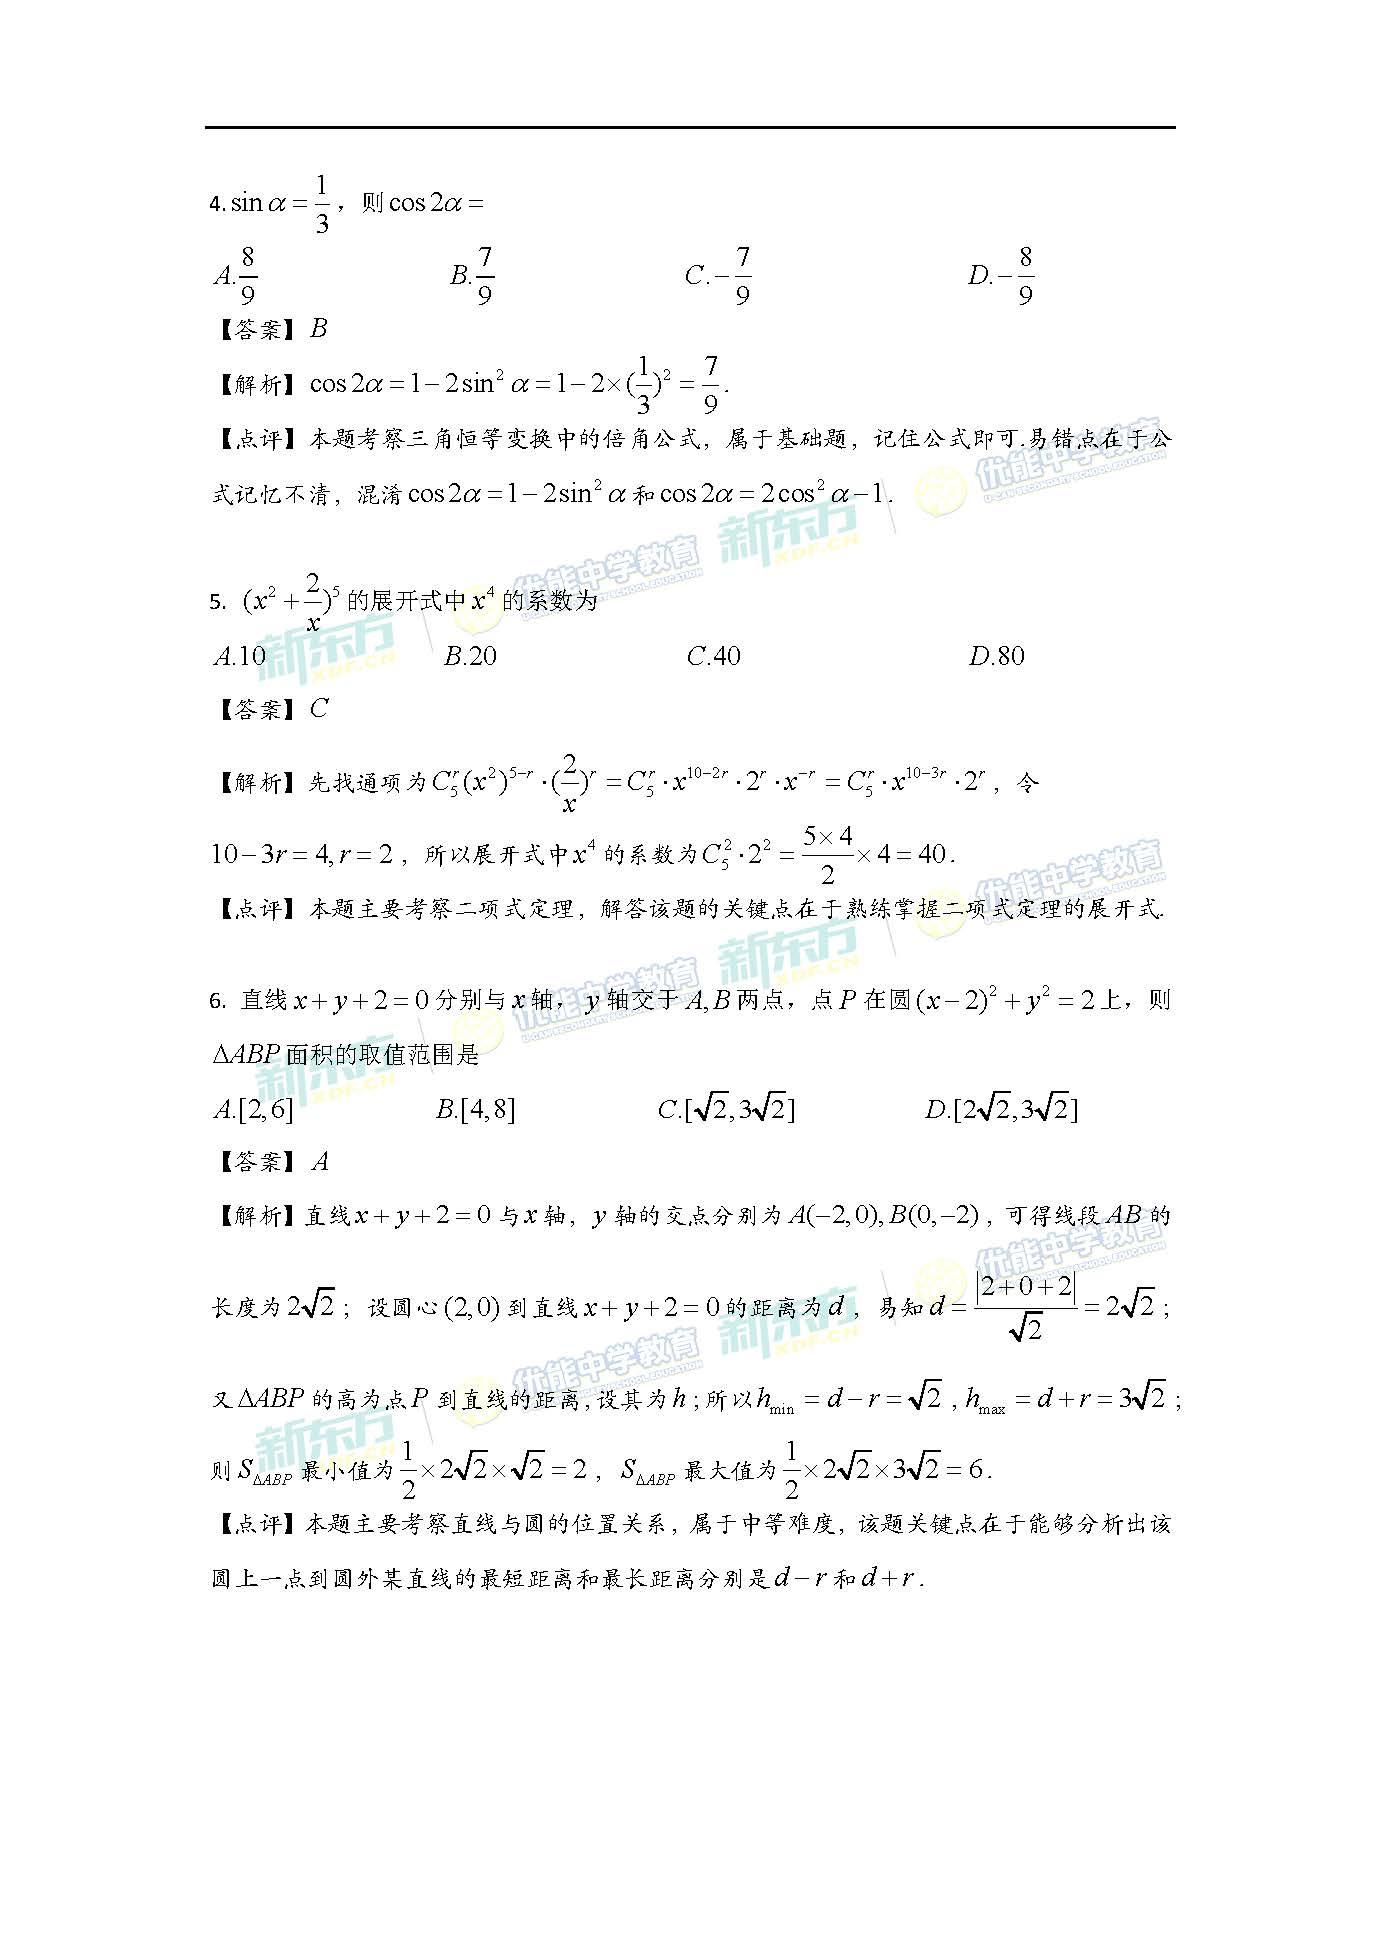 2018全国卷3高考数学理逐题解析(成都新东方)